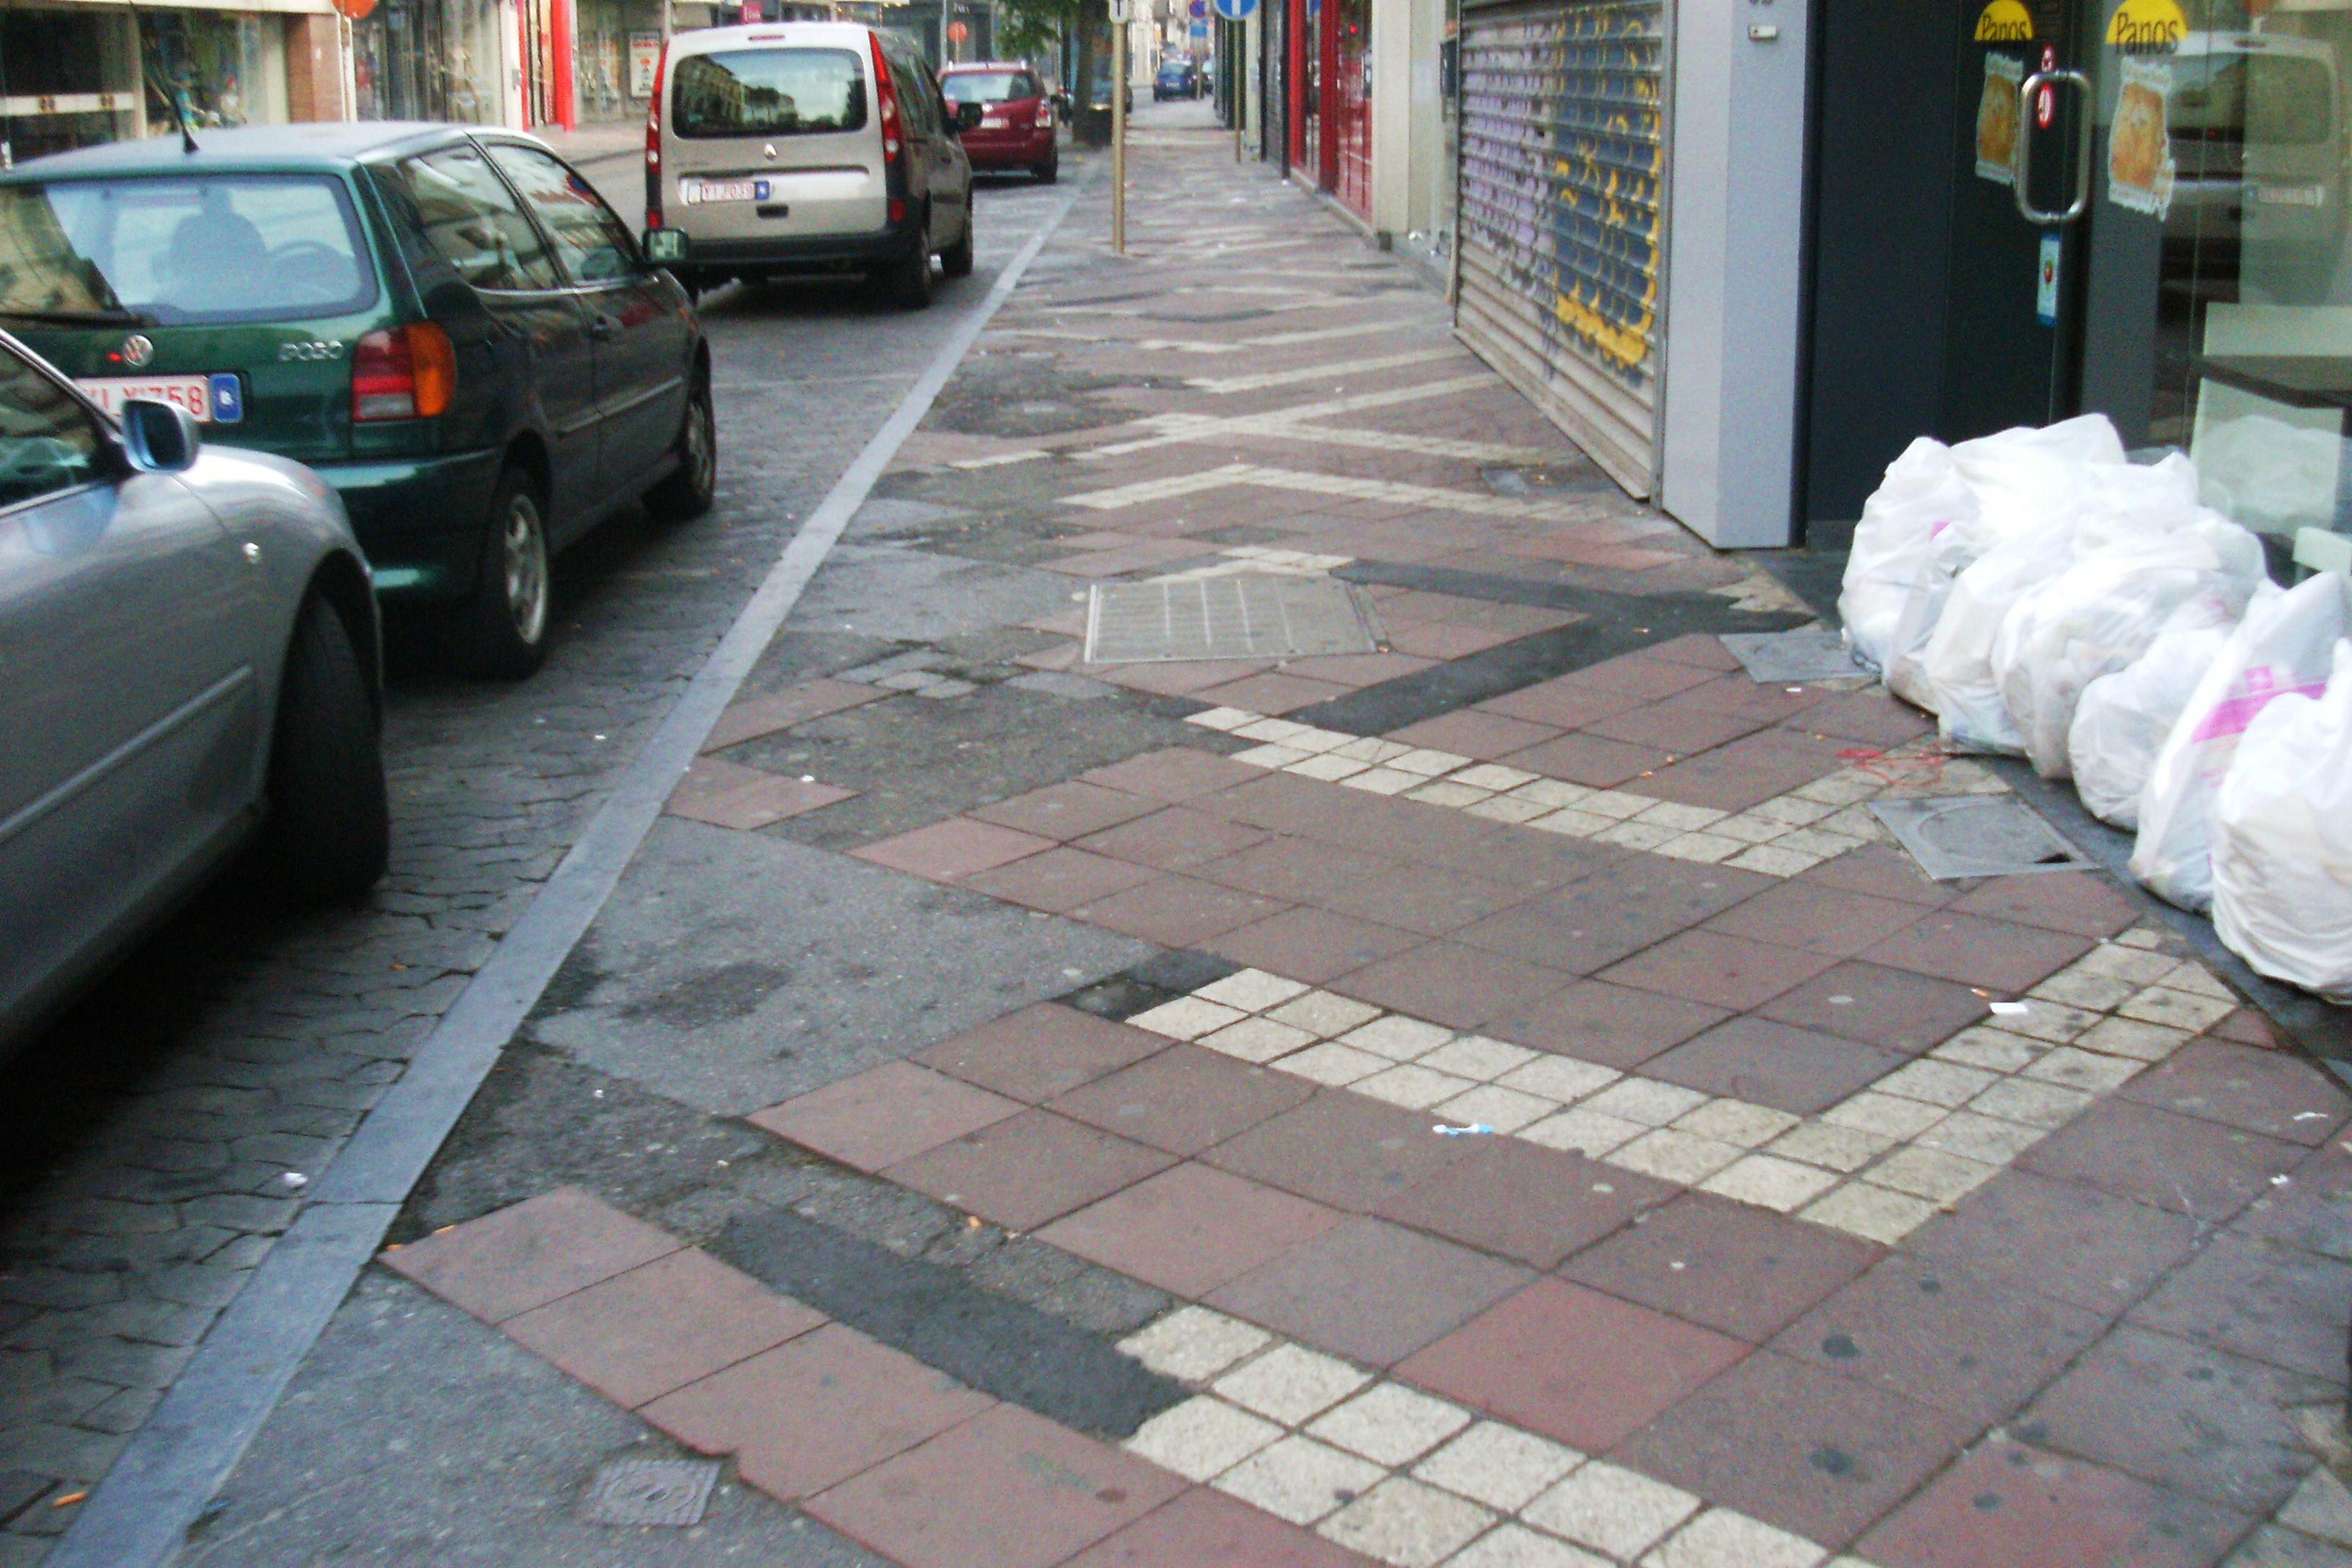 chaussee_d_ixelles_2010_063.jpg